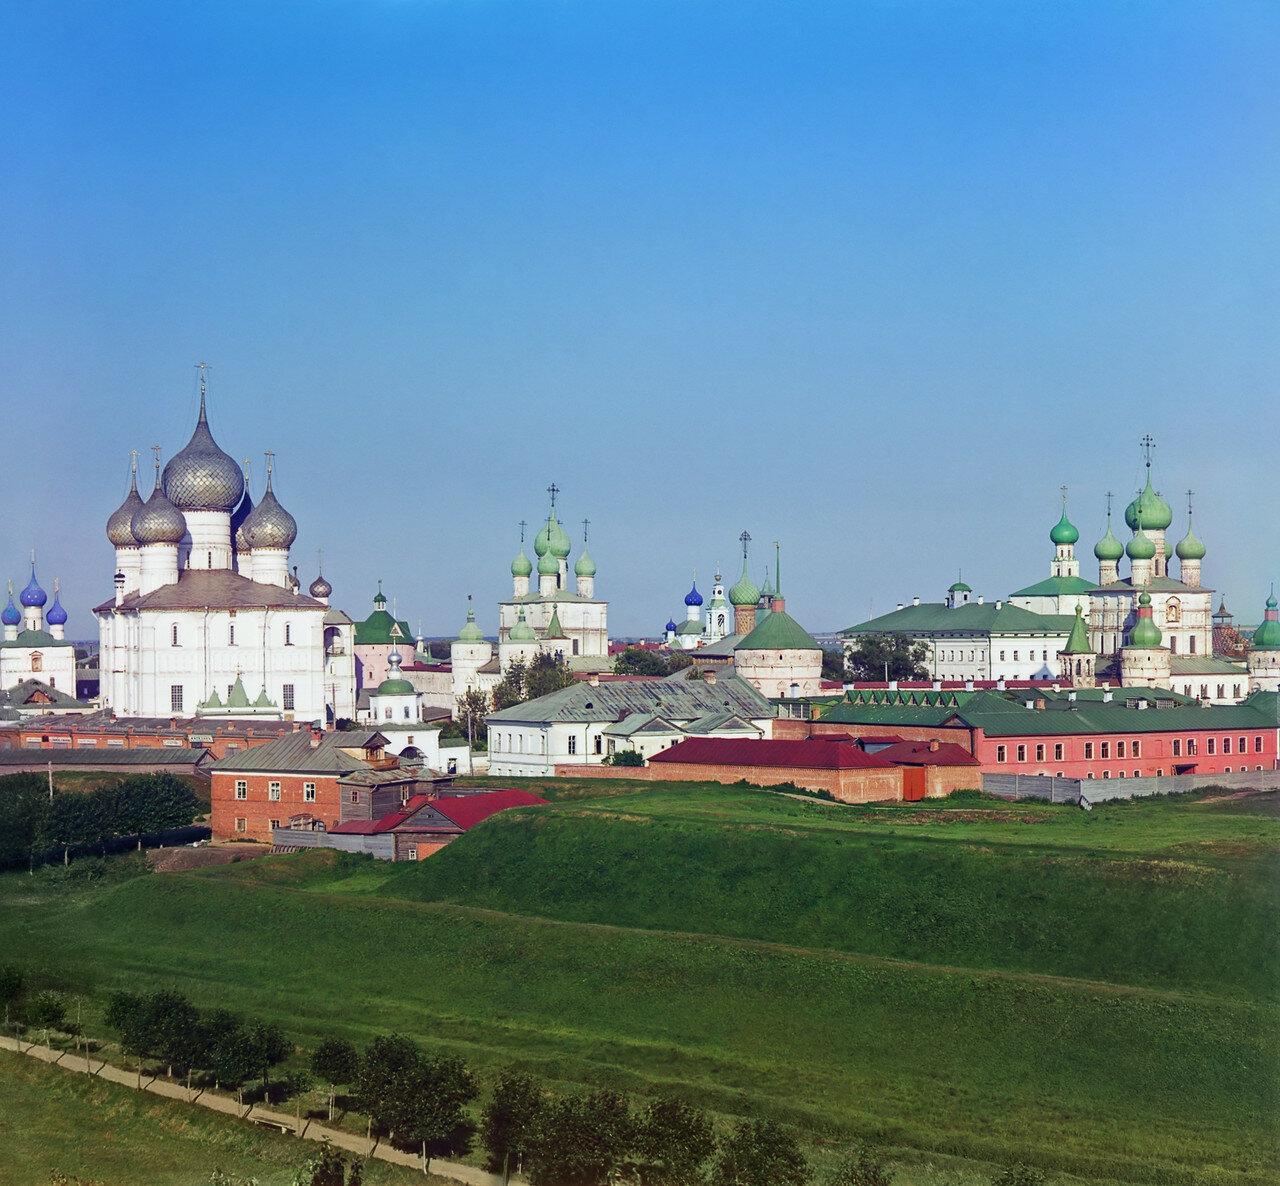 Общий вид Кремля с колокольни Всесвятской церкви